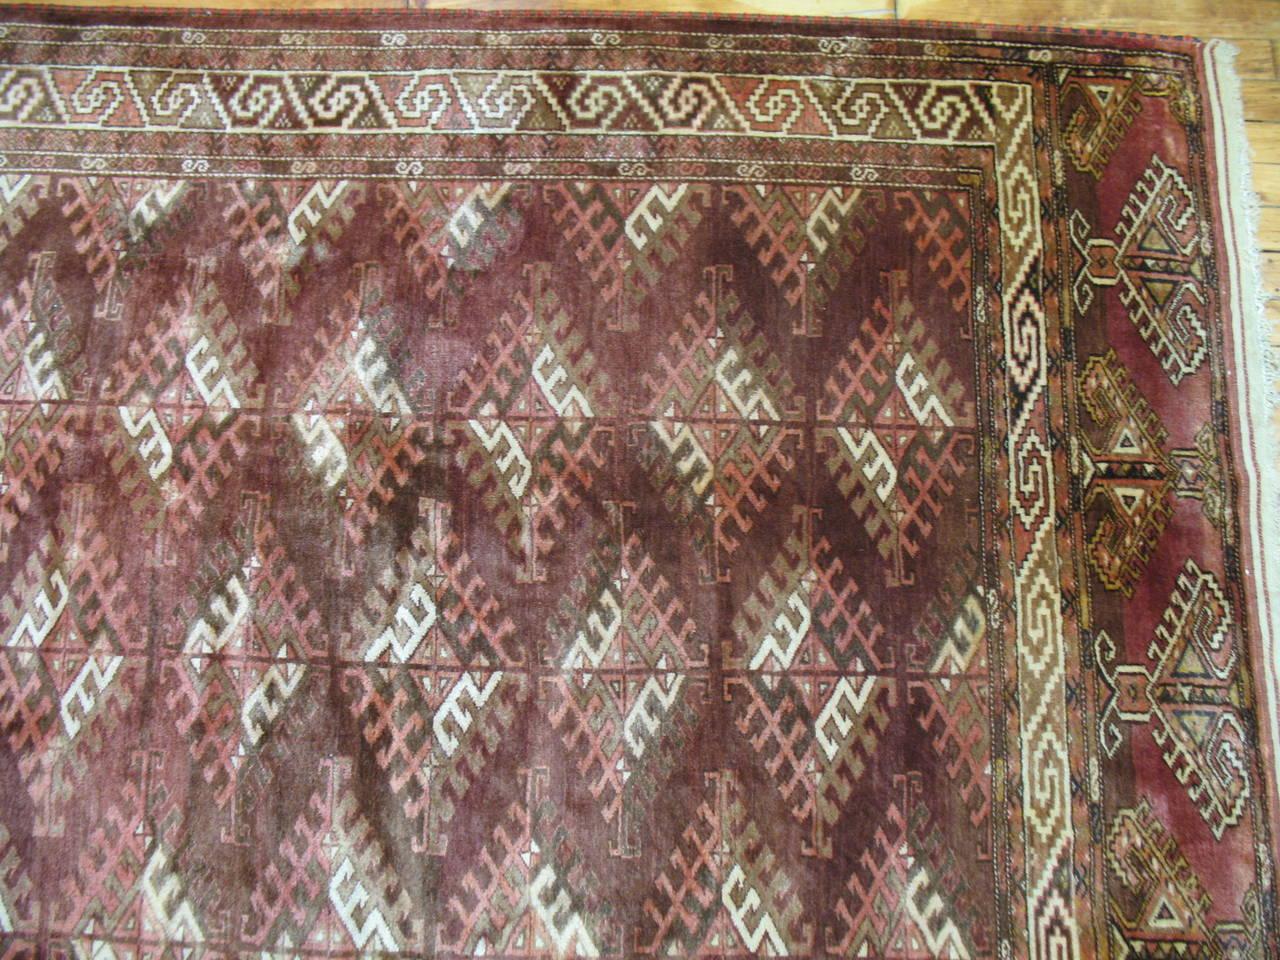 Central Asian Vintage Turkoman Turkmen Carpet For Sale